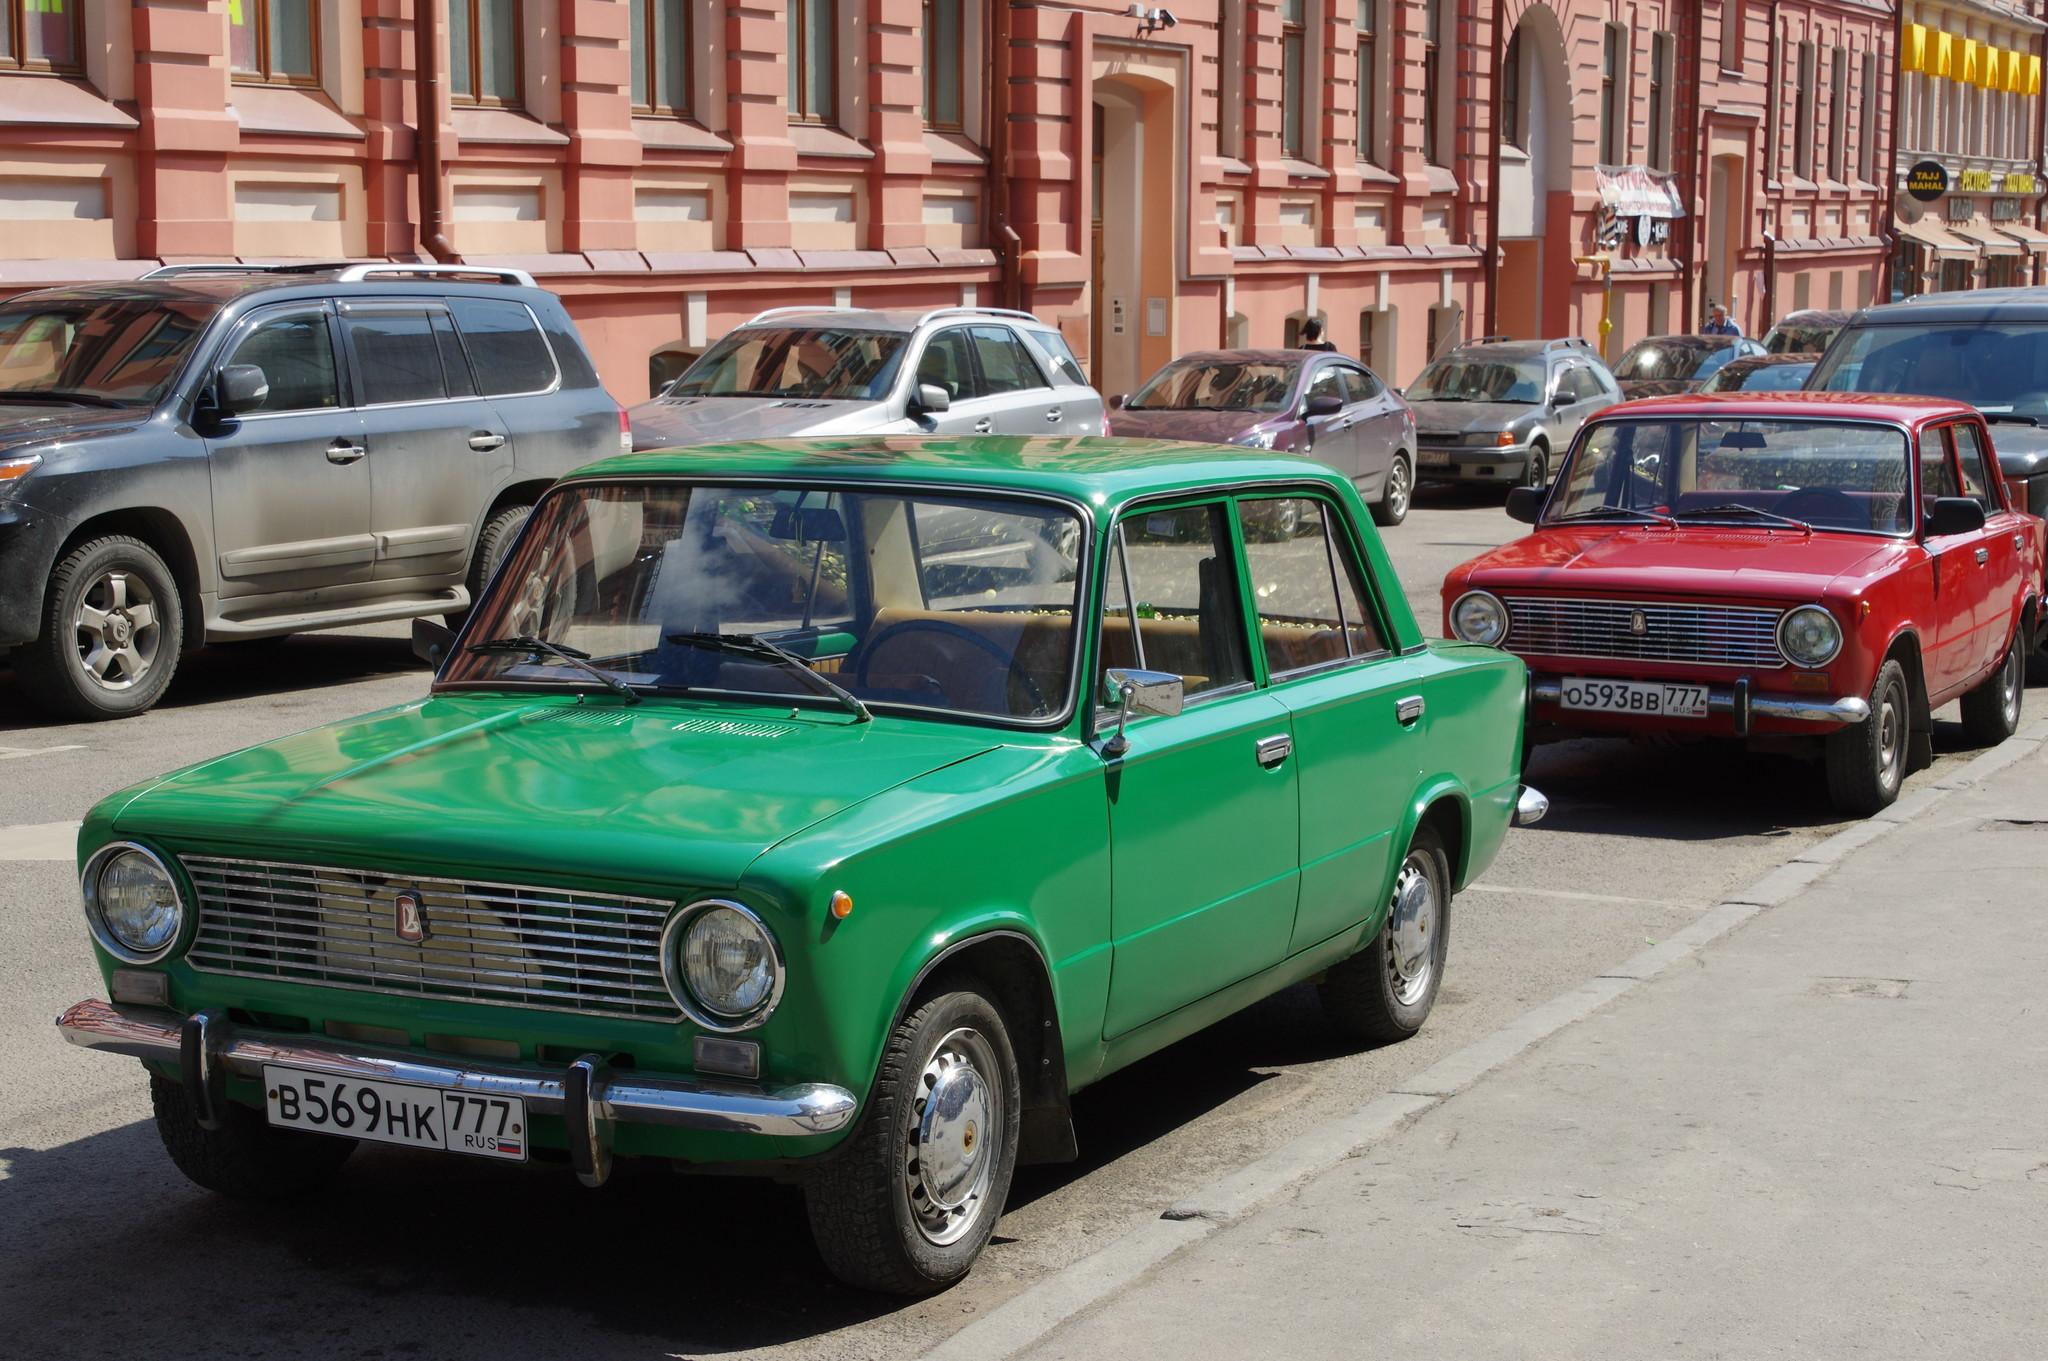 Автомобили ВАЗ-2101 в Арбатском переулке